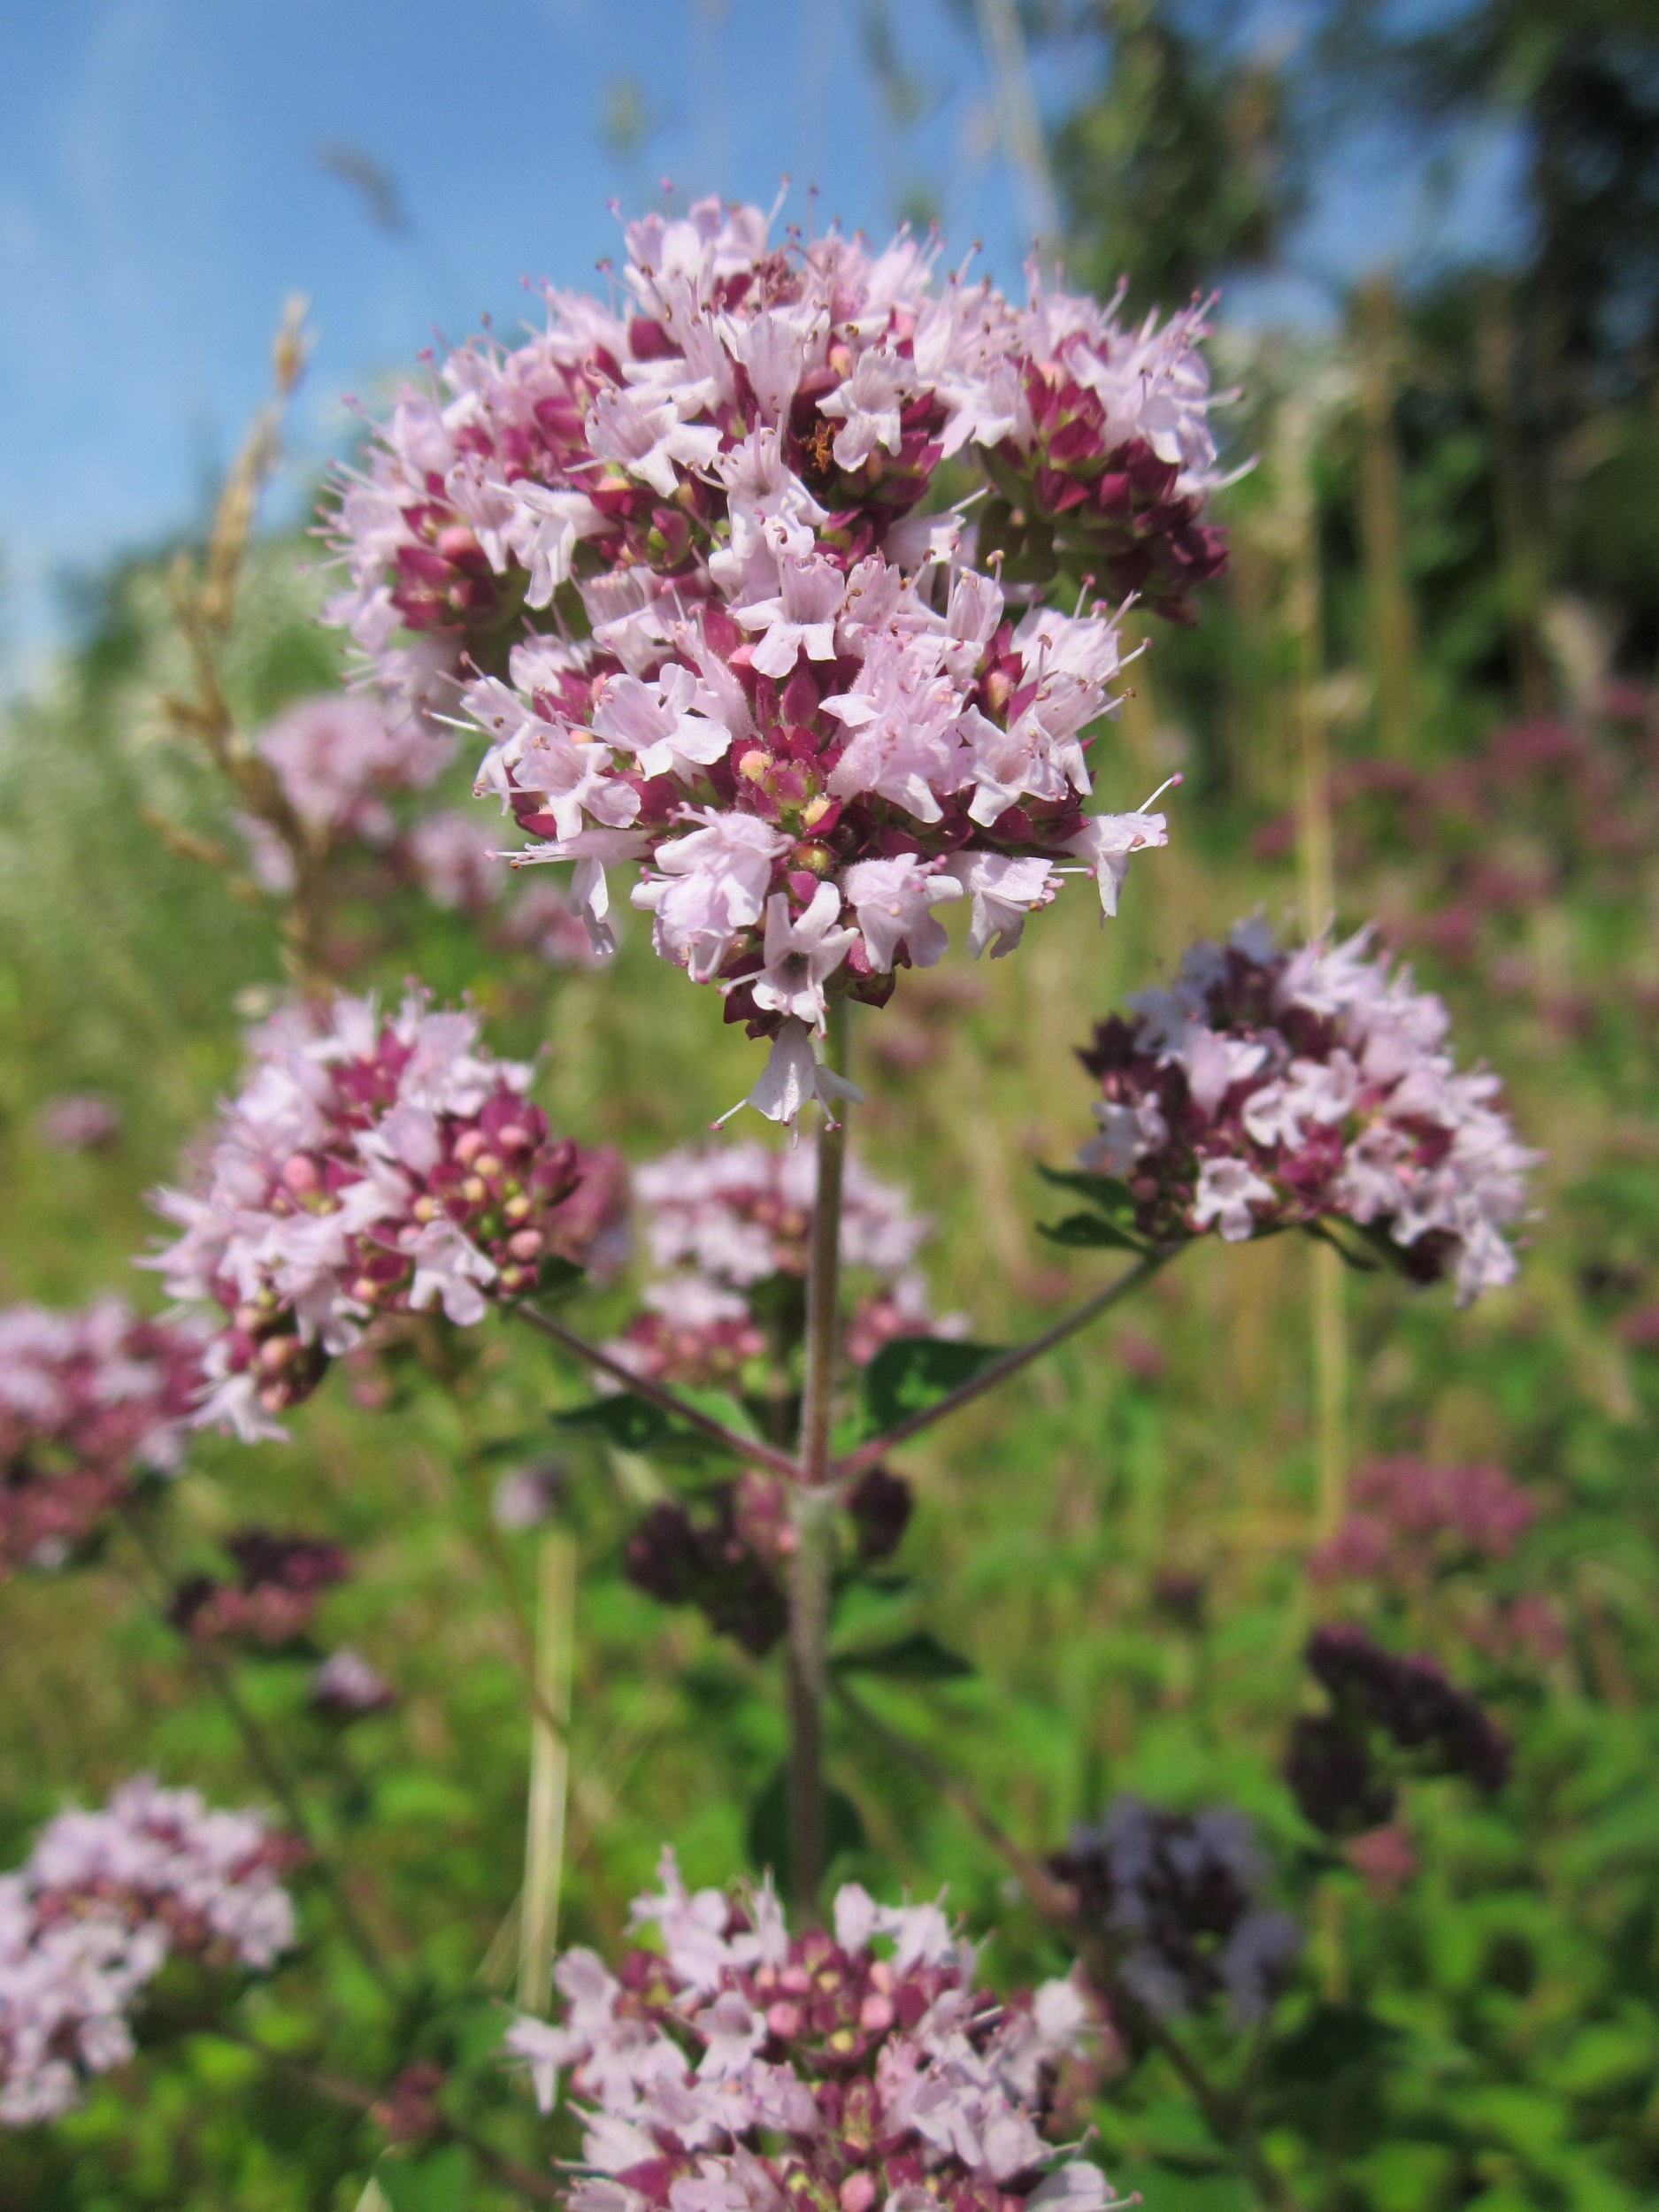 flor de orégano comestible